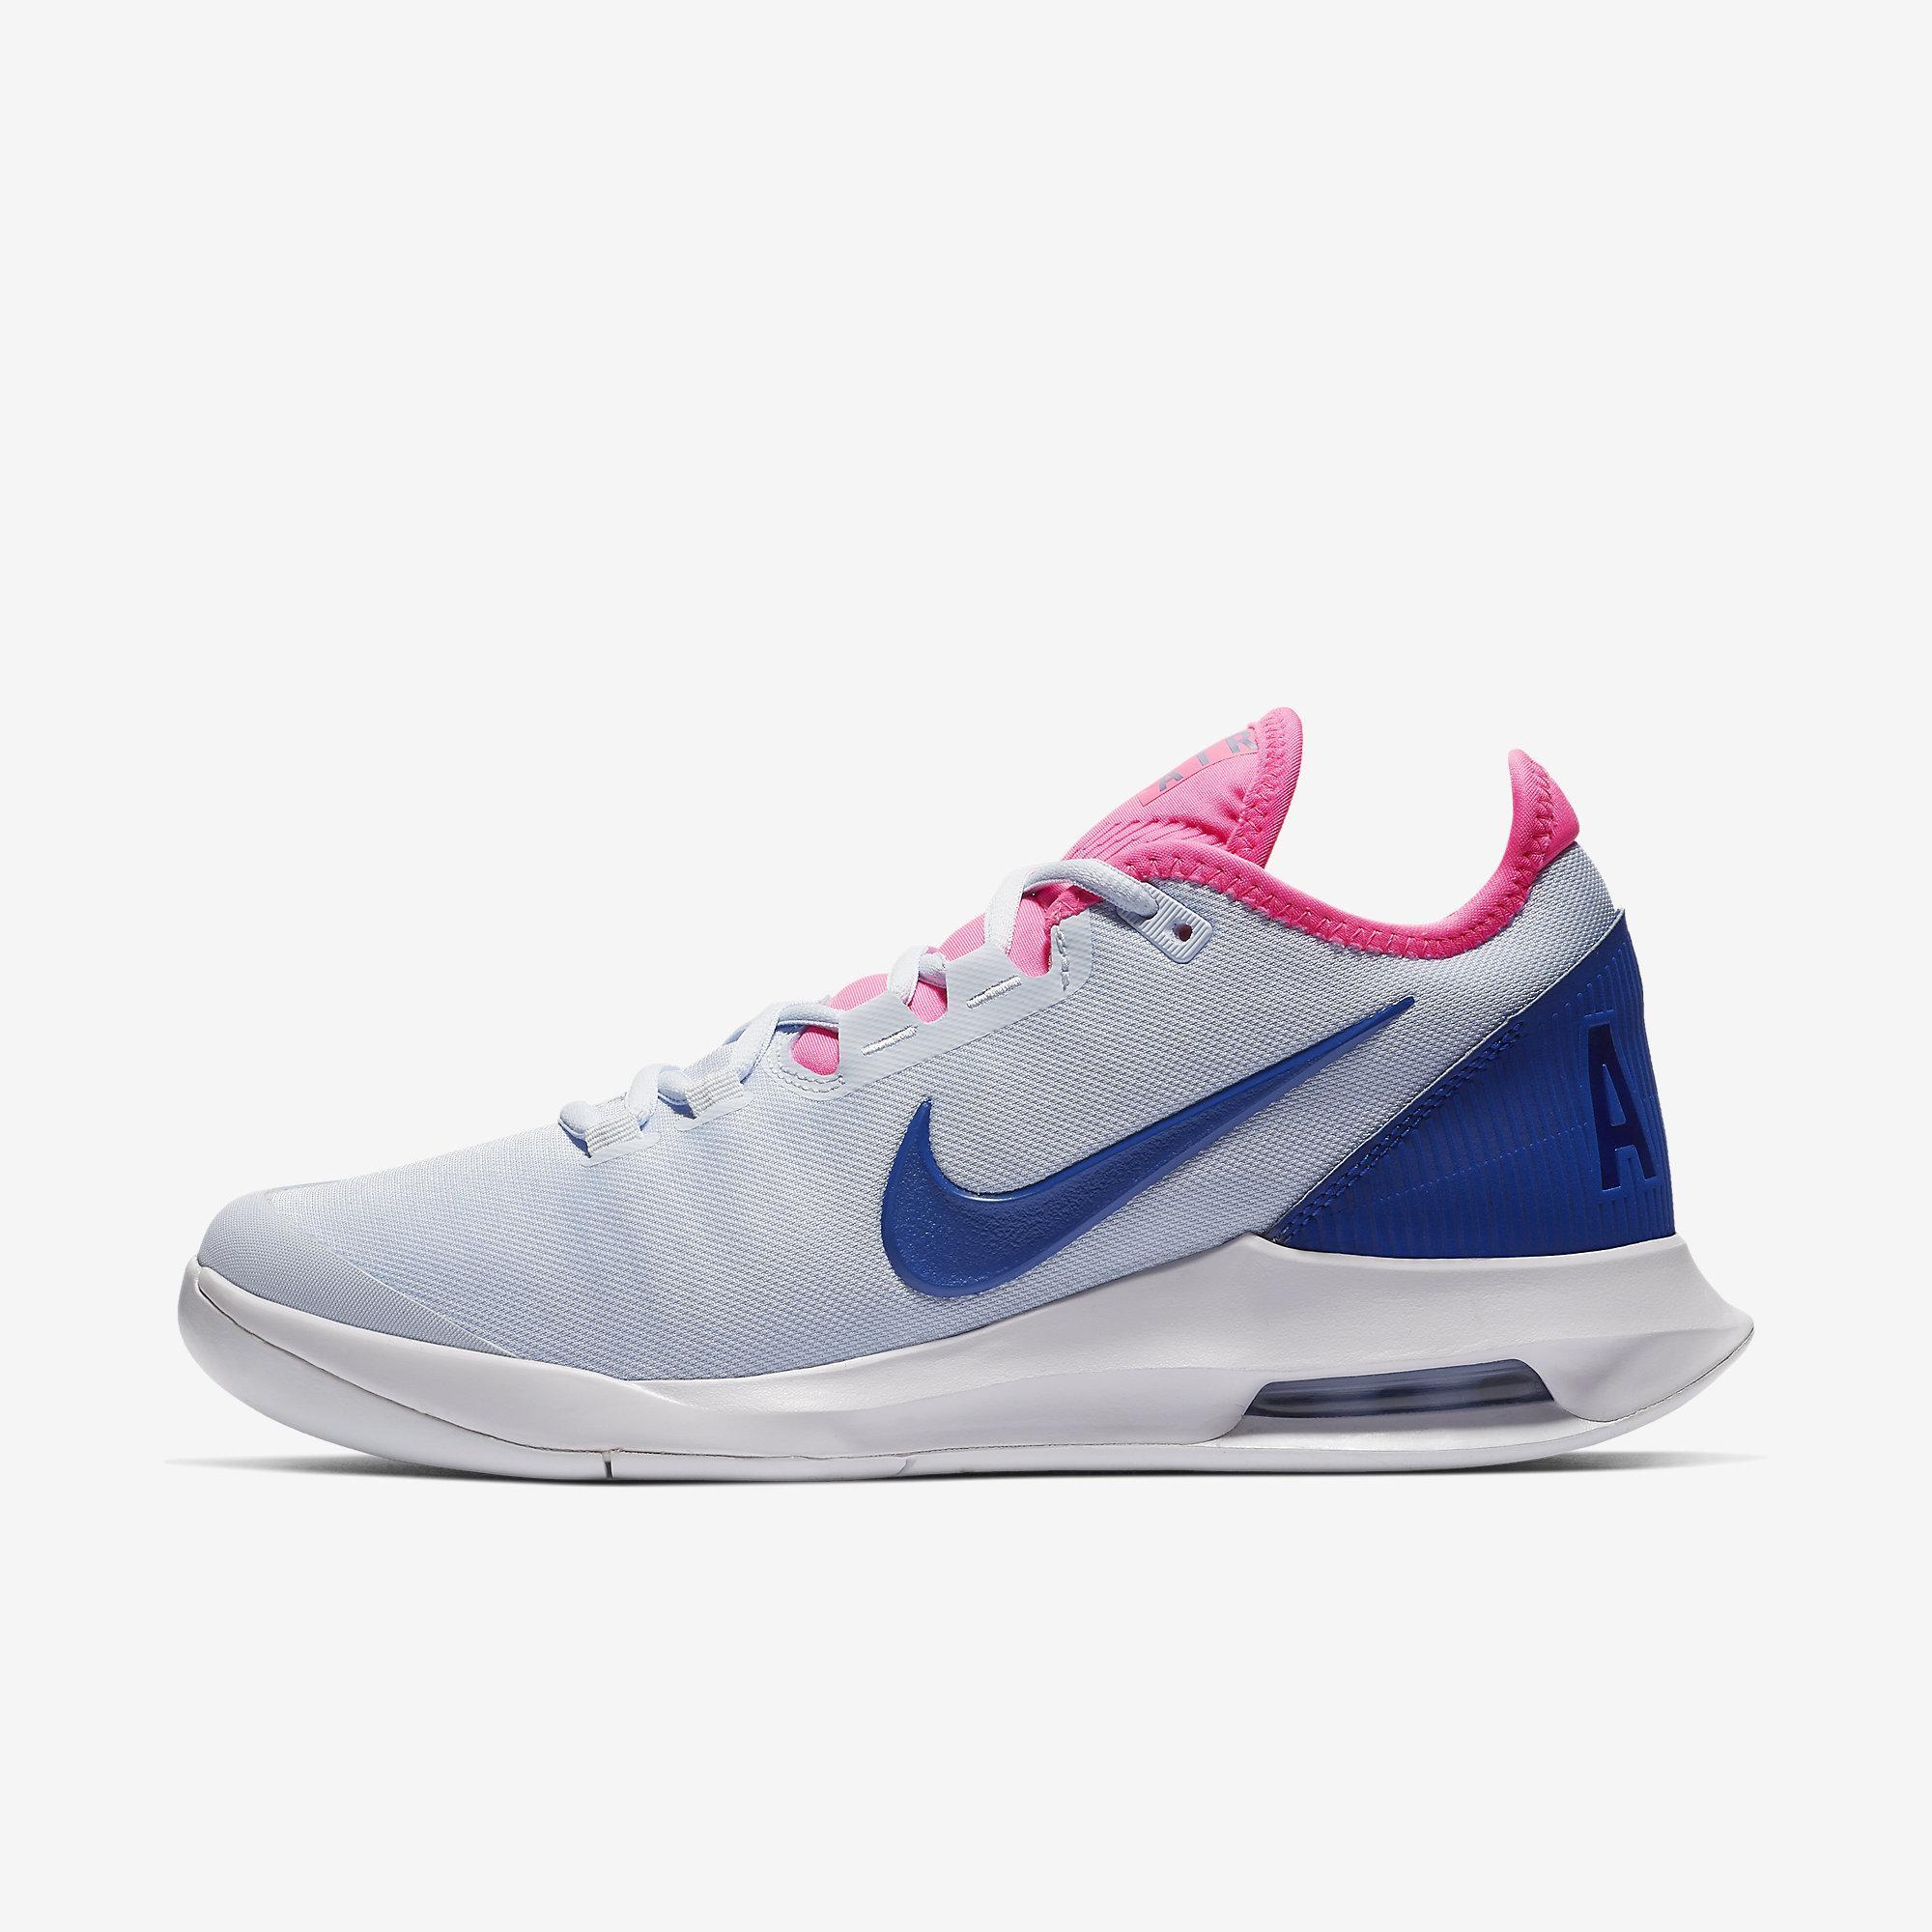 Nike Womens Air Max Wildcard Tennis Shoes PhantomRose Gold